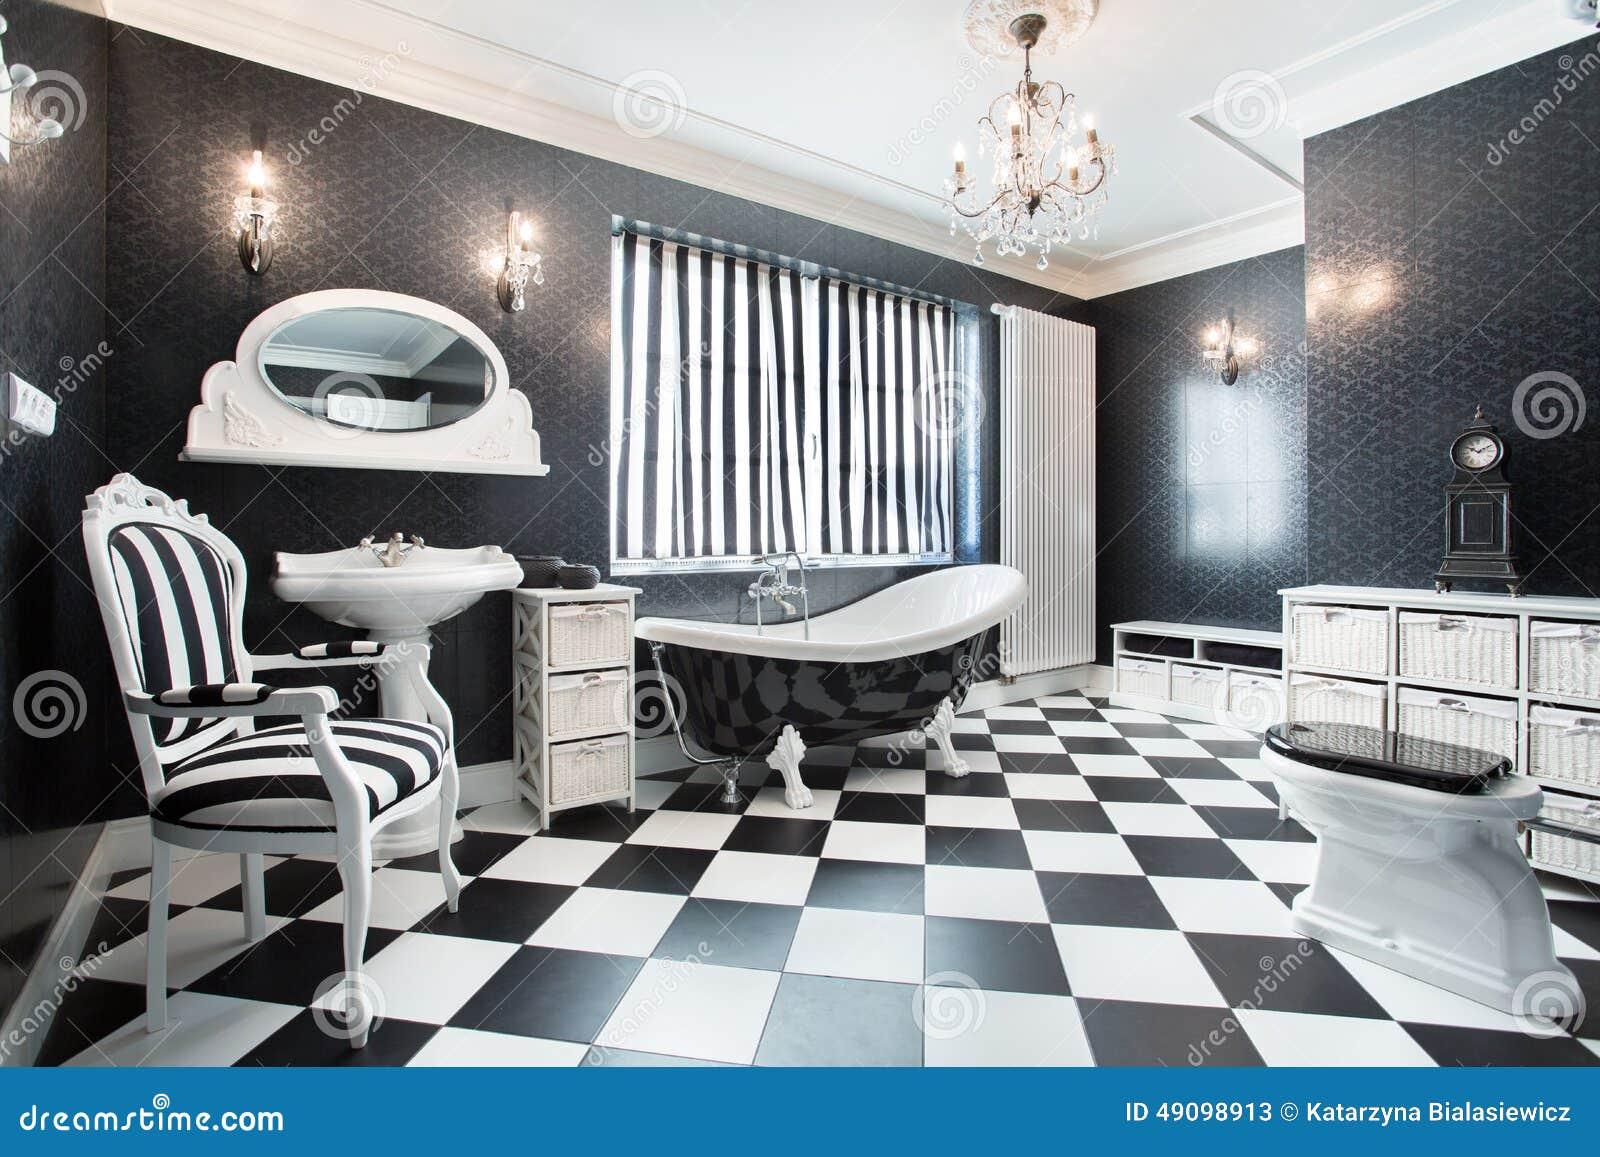 Bagno moderno bianco e nero immagine stock immagine - Bagno bianco e nero ...